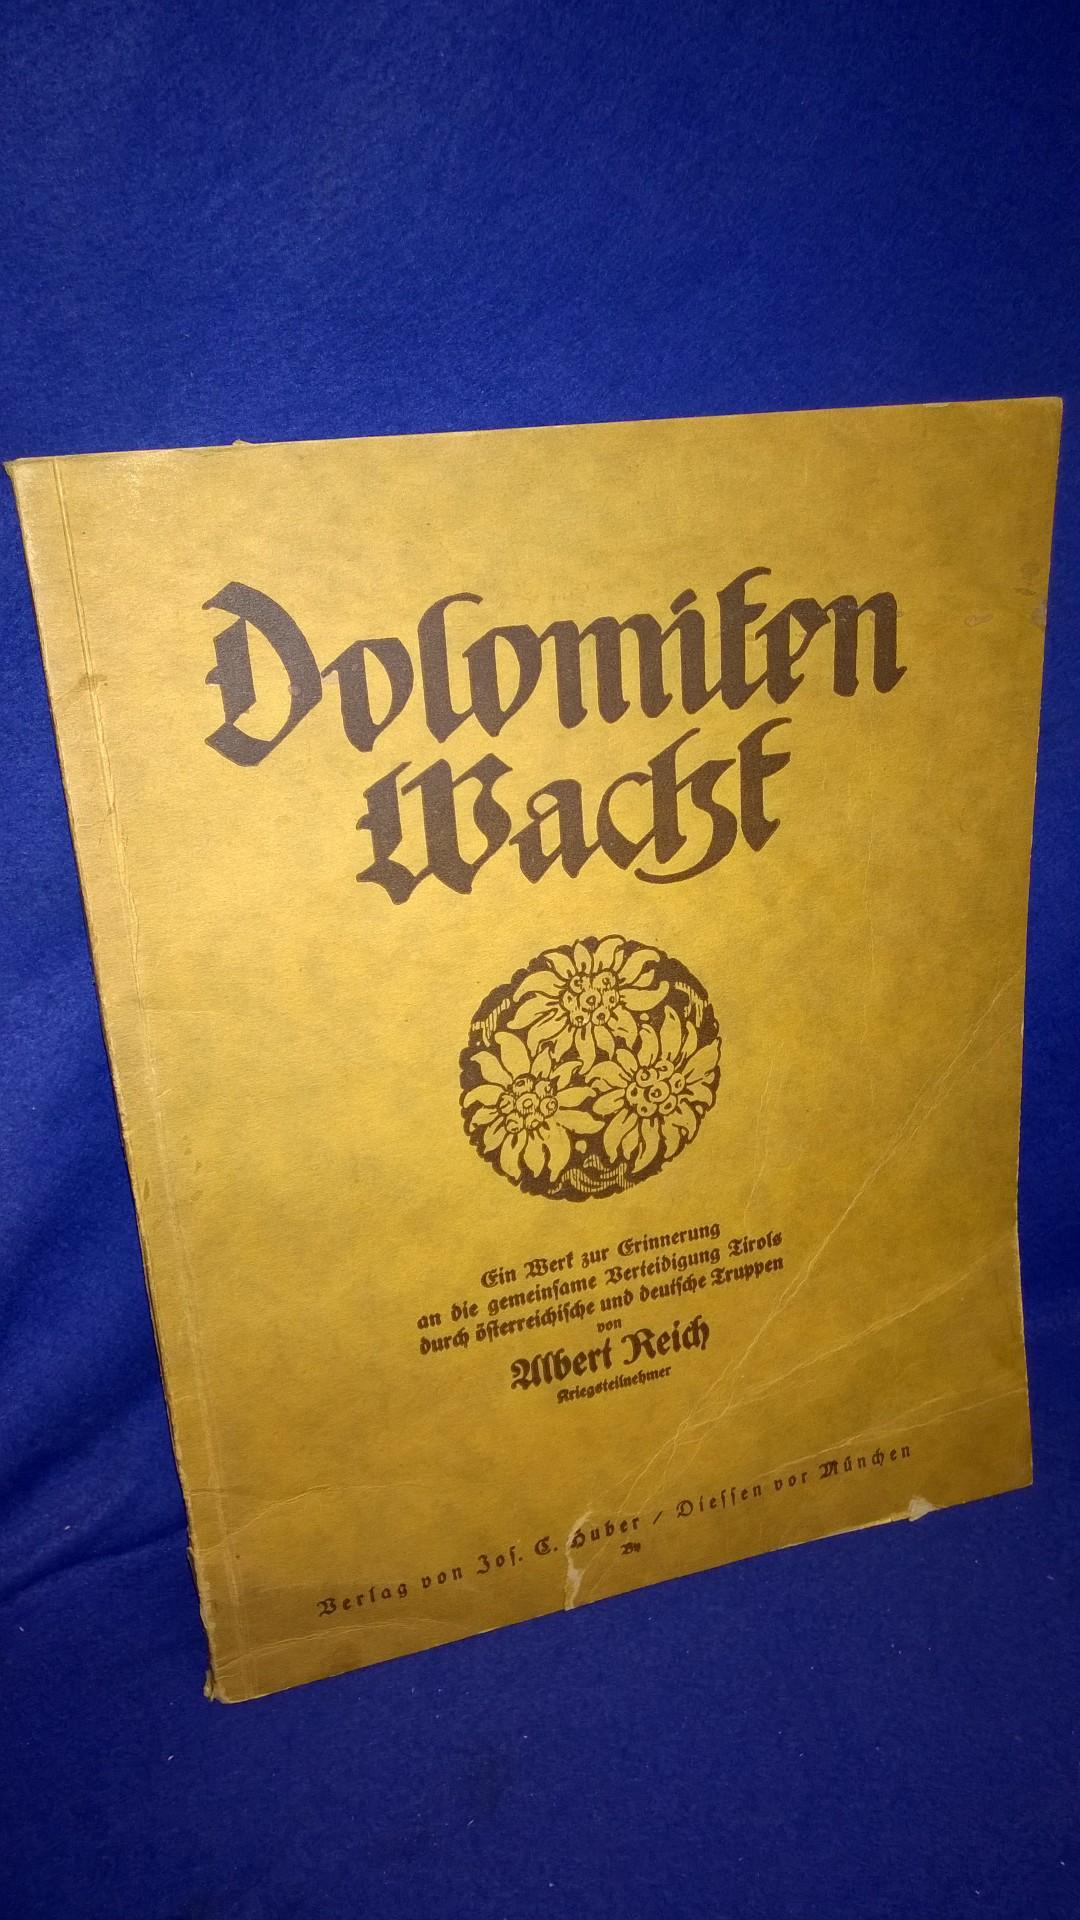 Dolomiten Wacht. Ein Werk zur Erinnerung an die gemeinsame Verteidigung Tirols durch östereichische und deutsche Truppen.